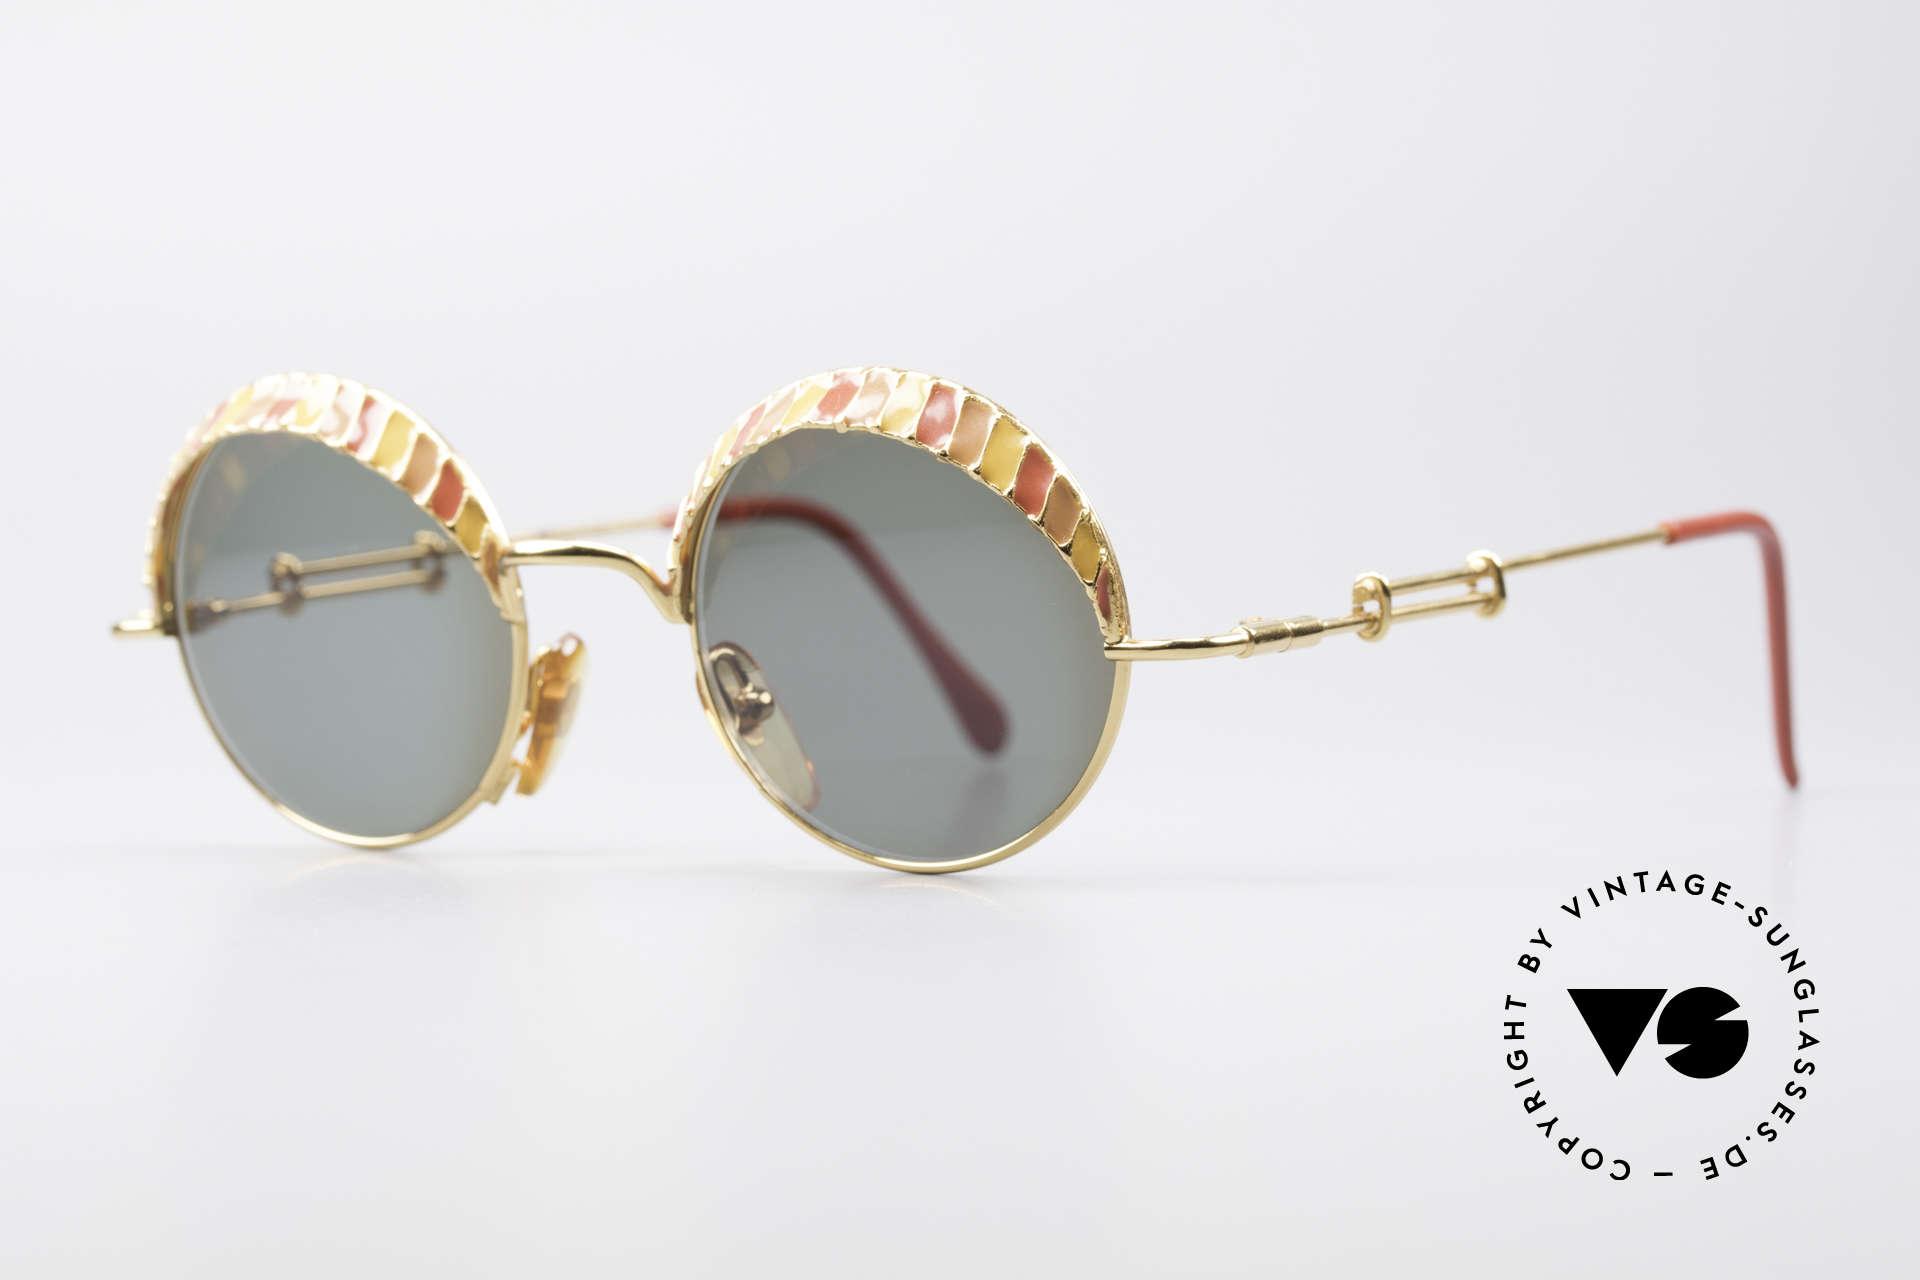 Casanova Arché 4 Limited Gold Plated Brille, Arché-Serie = kostbarsten Kreationen von Casanova, Passend für Herren und Damen